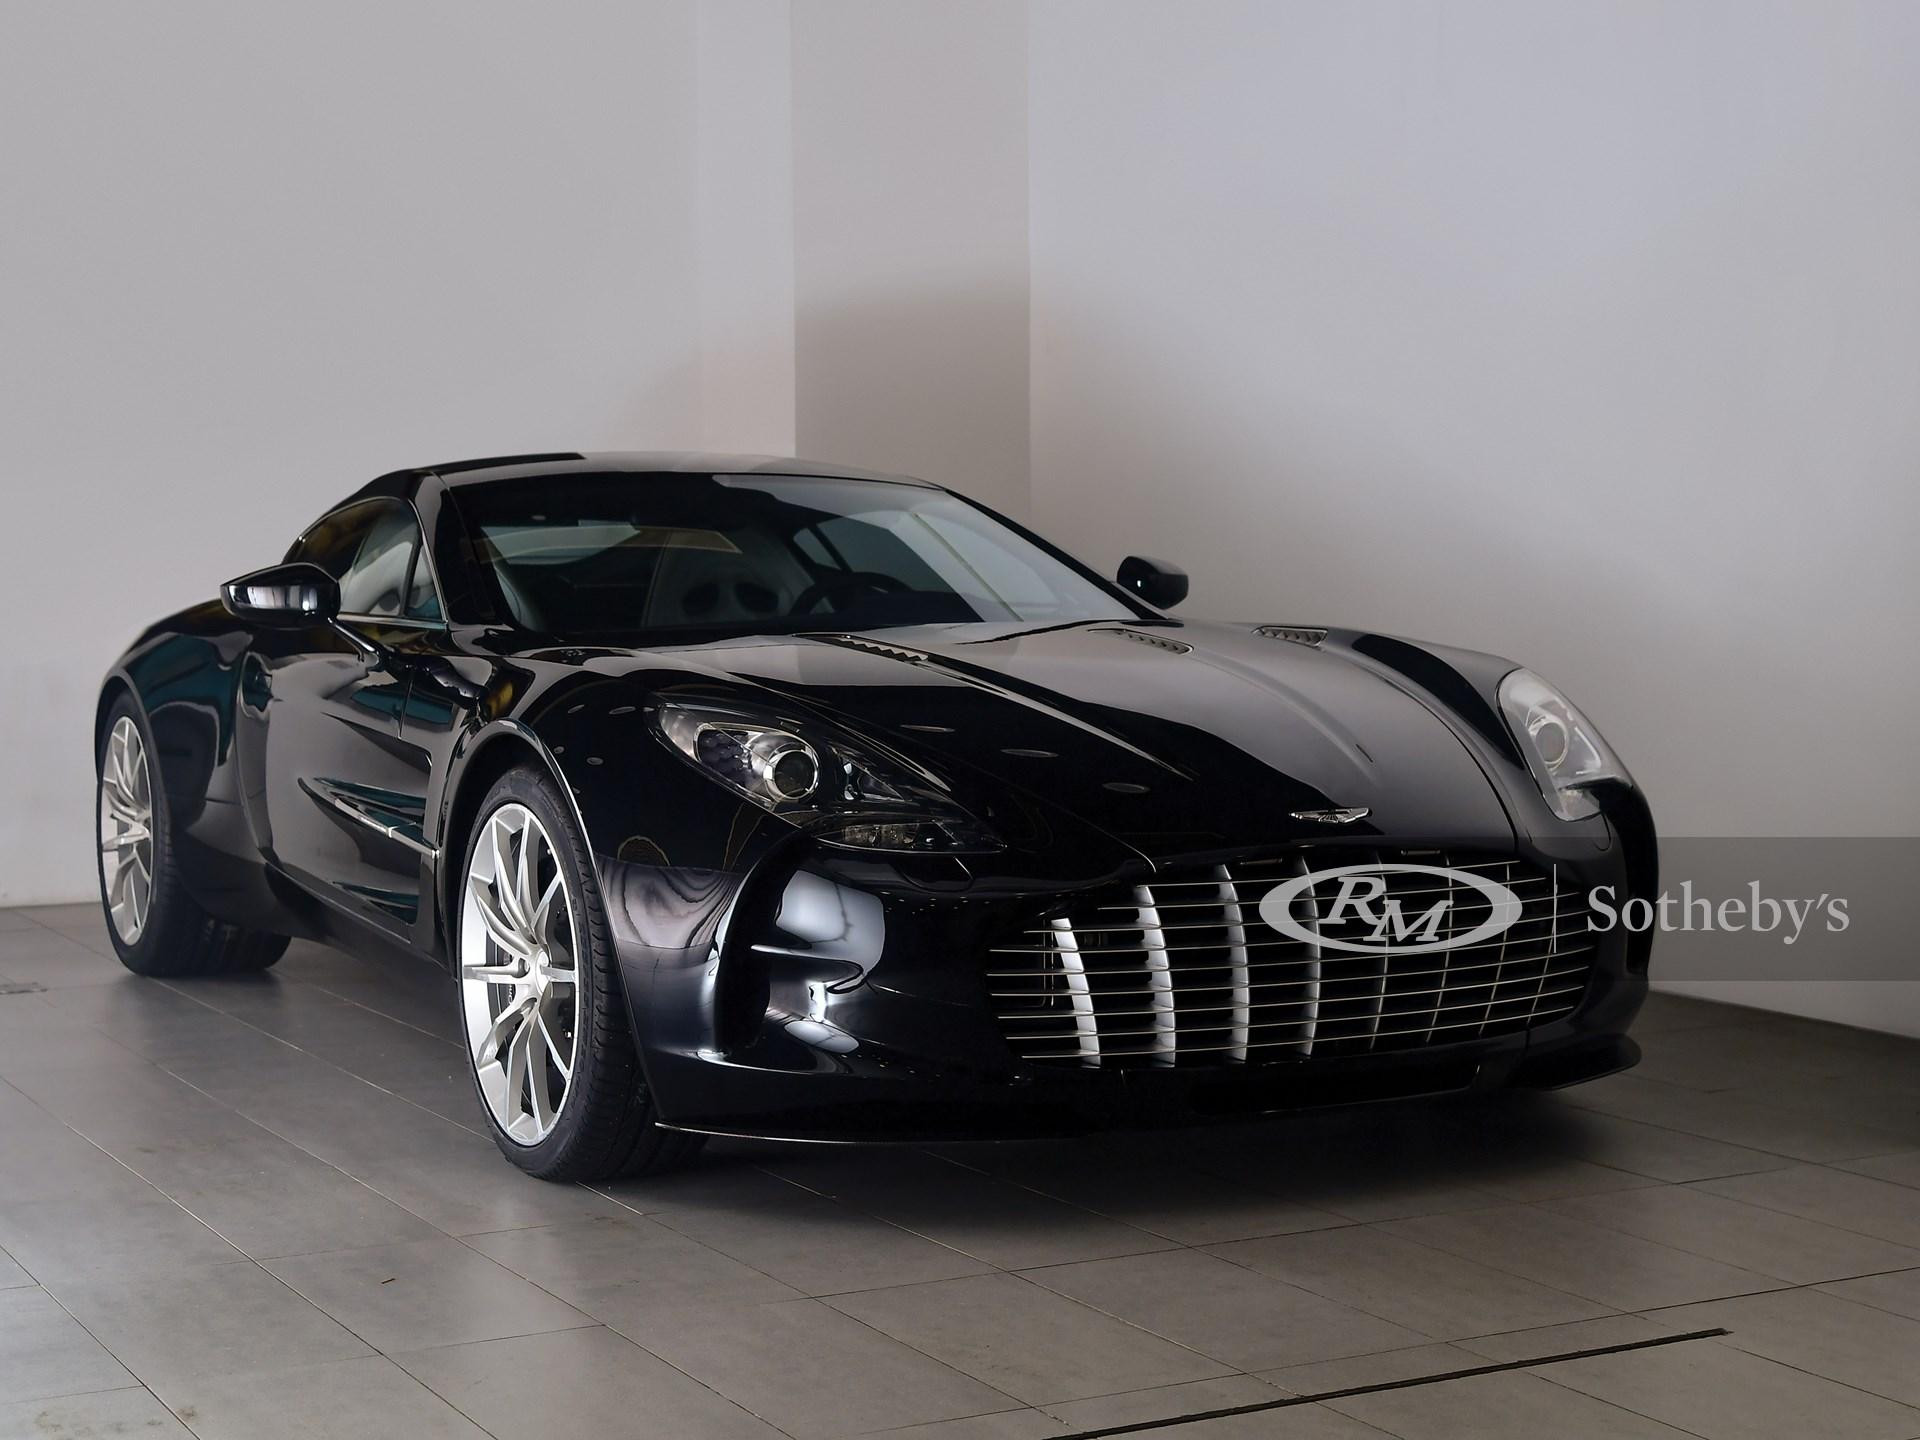 2011 Aston Martin One 77 Abu Dhabi 2019 Rm Sotheby S